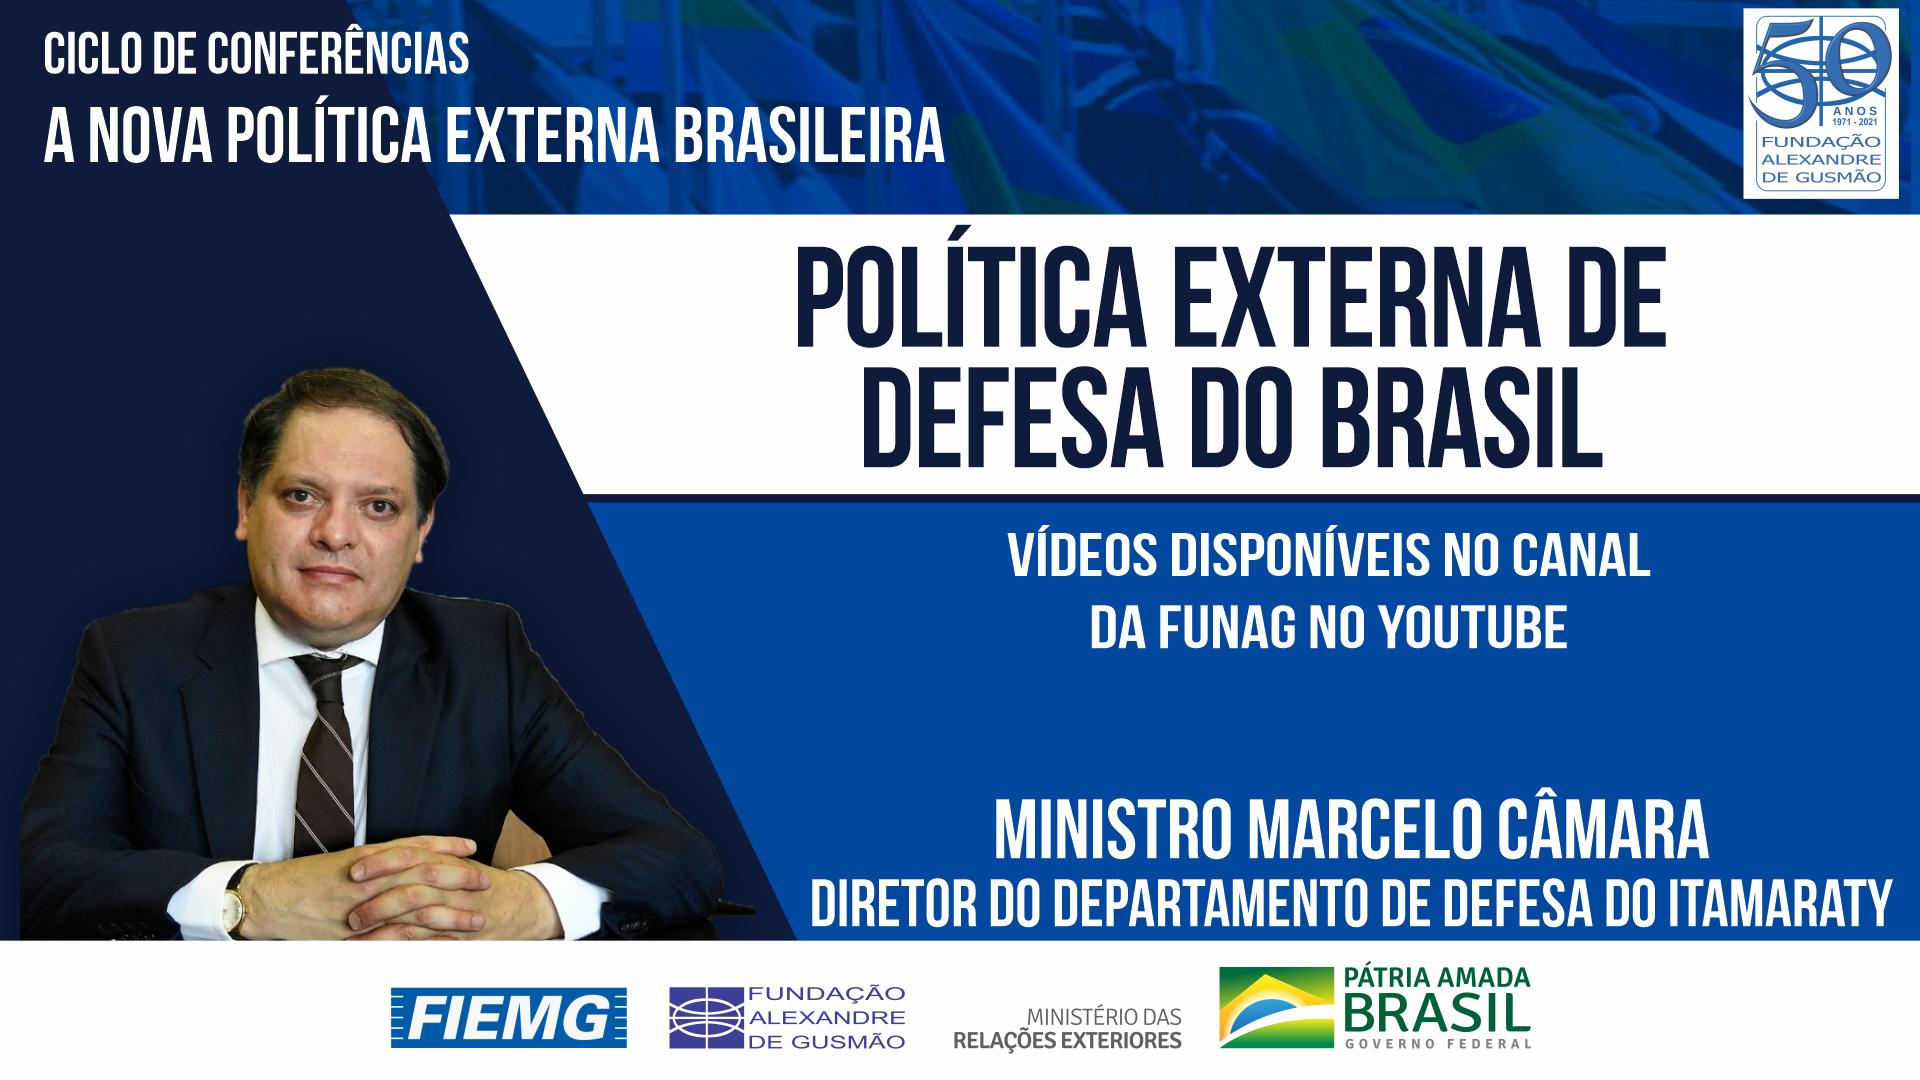 Vea los vídeos de la conferencia del Director del Departamento de Defensa de Itamaraty, Ministro Marcelo Câmara